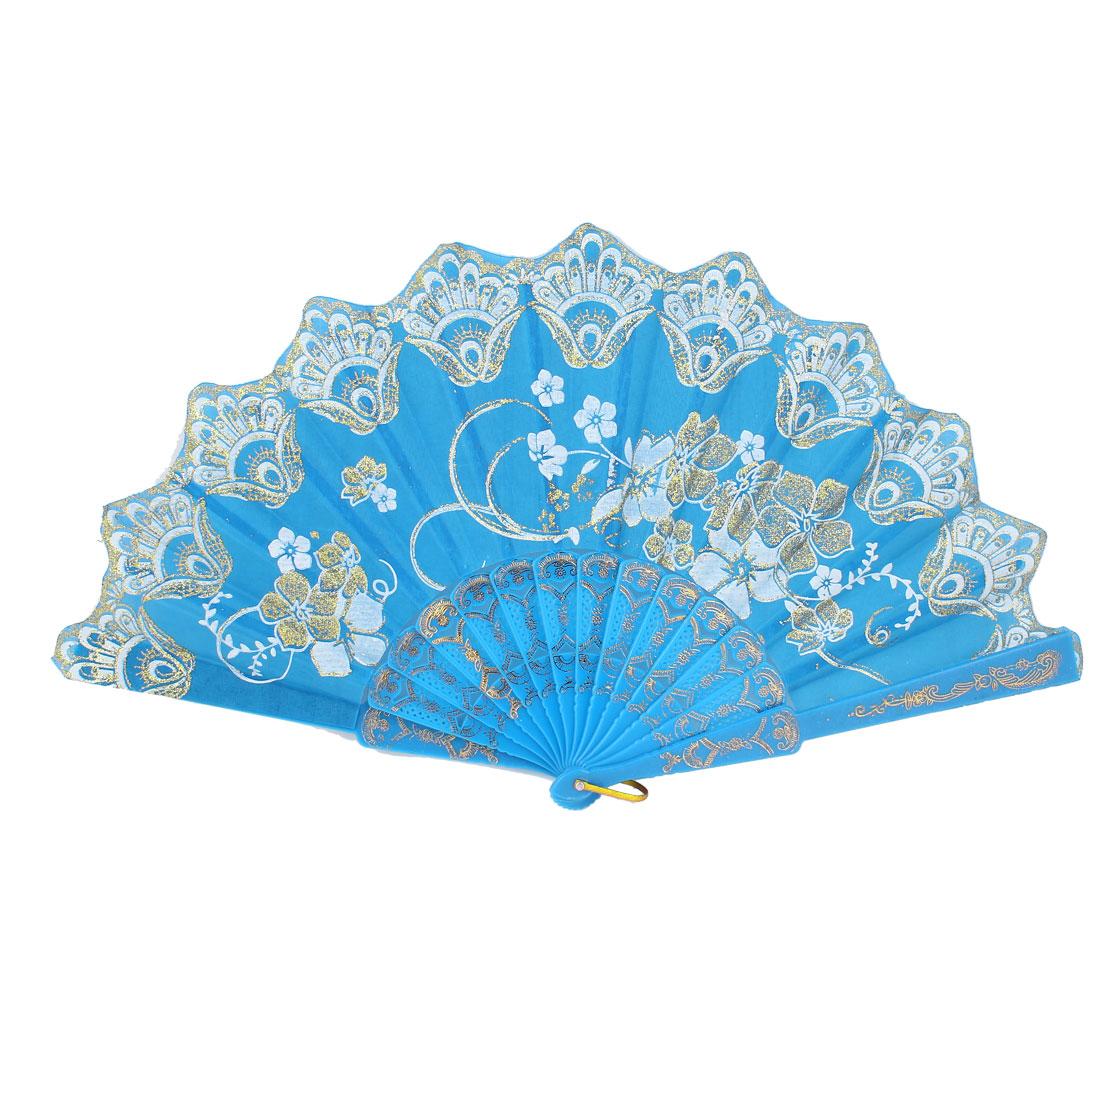 Plastic Rib Glittery Powder Decor Flower Printed Folding Hand Fan Sky Blue